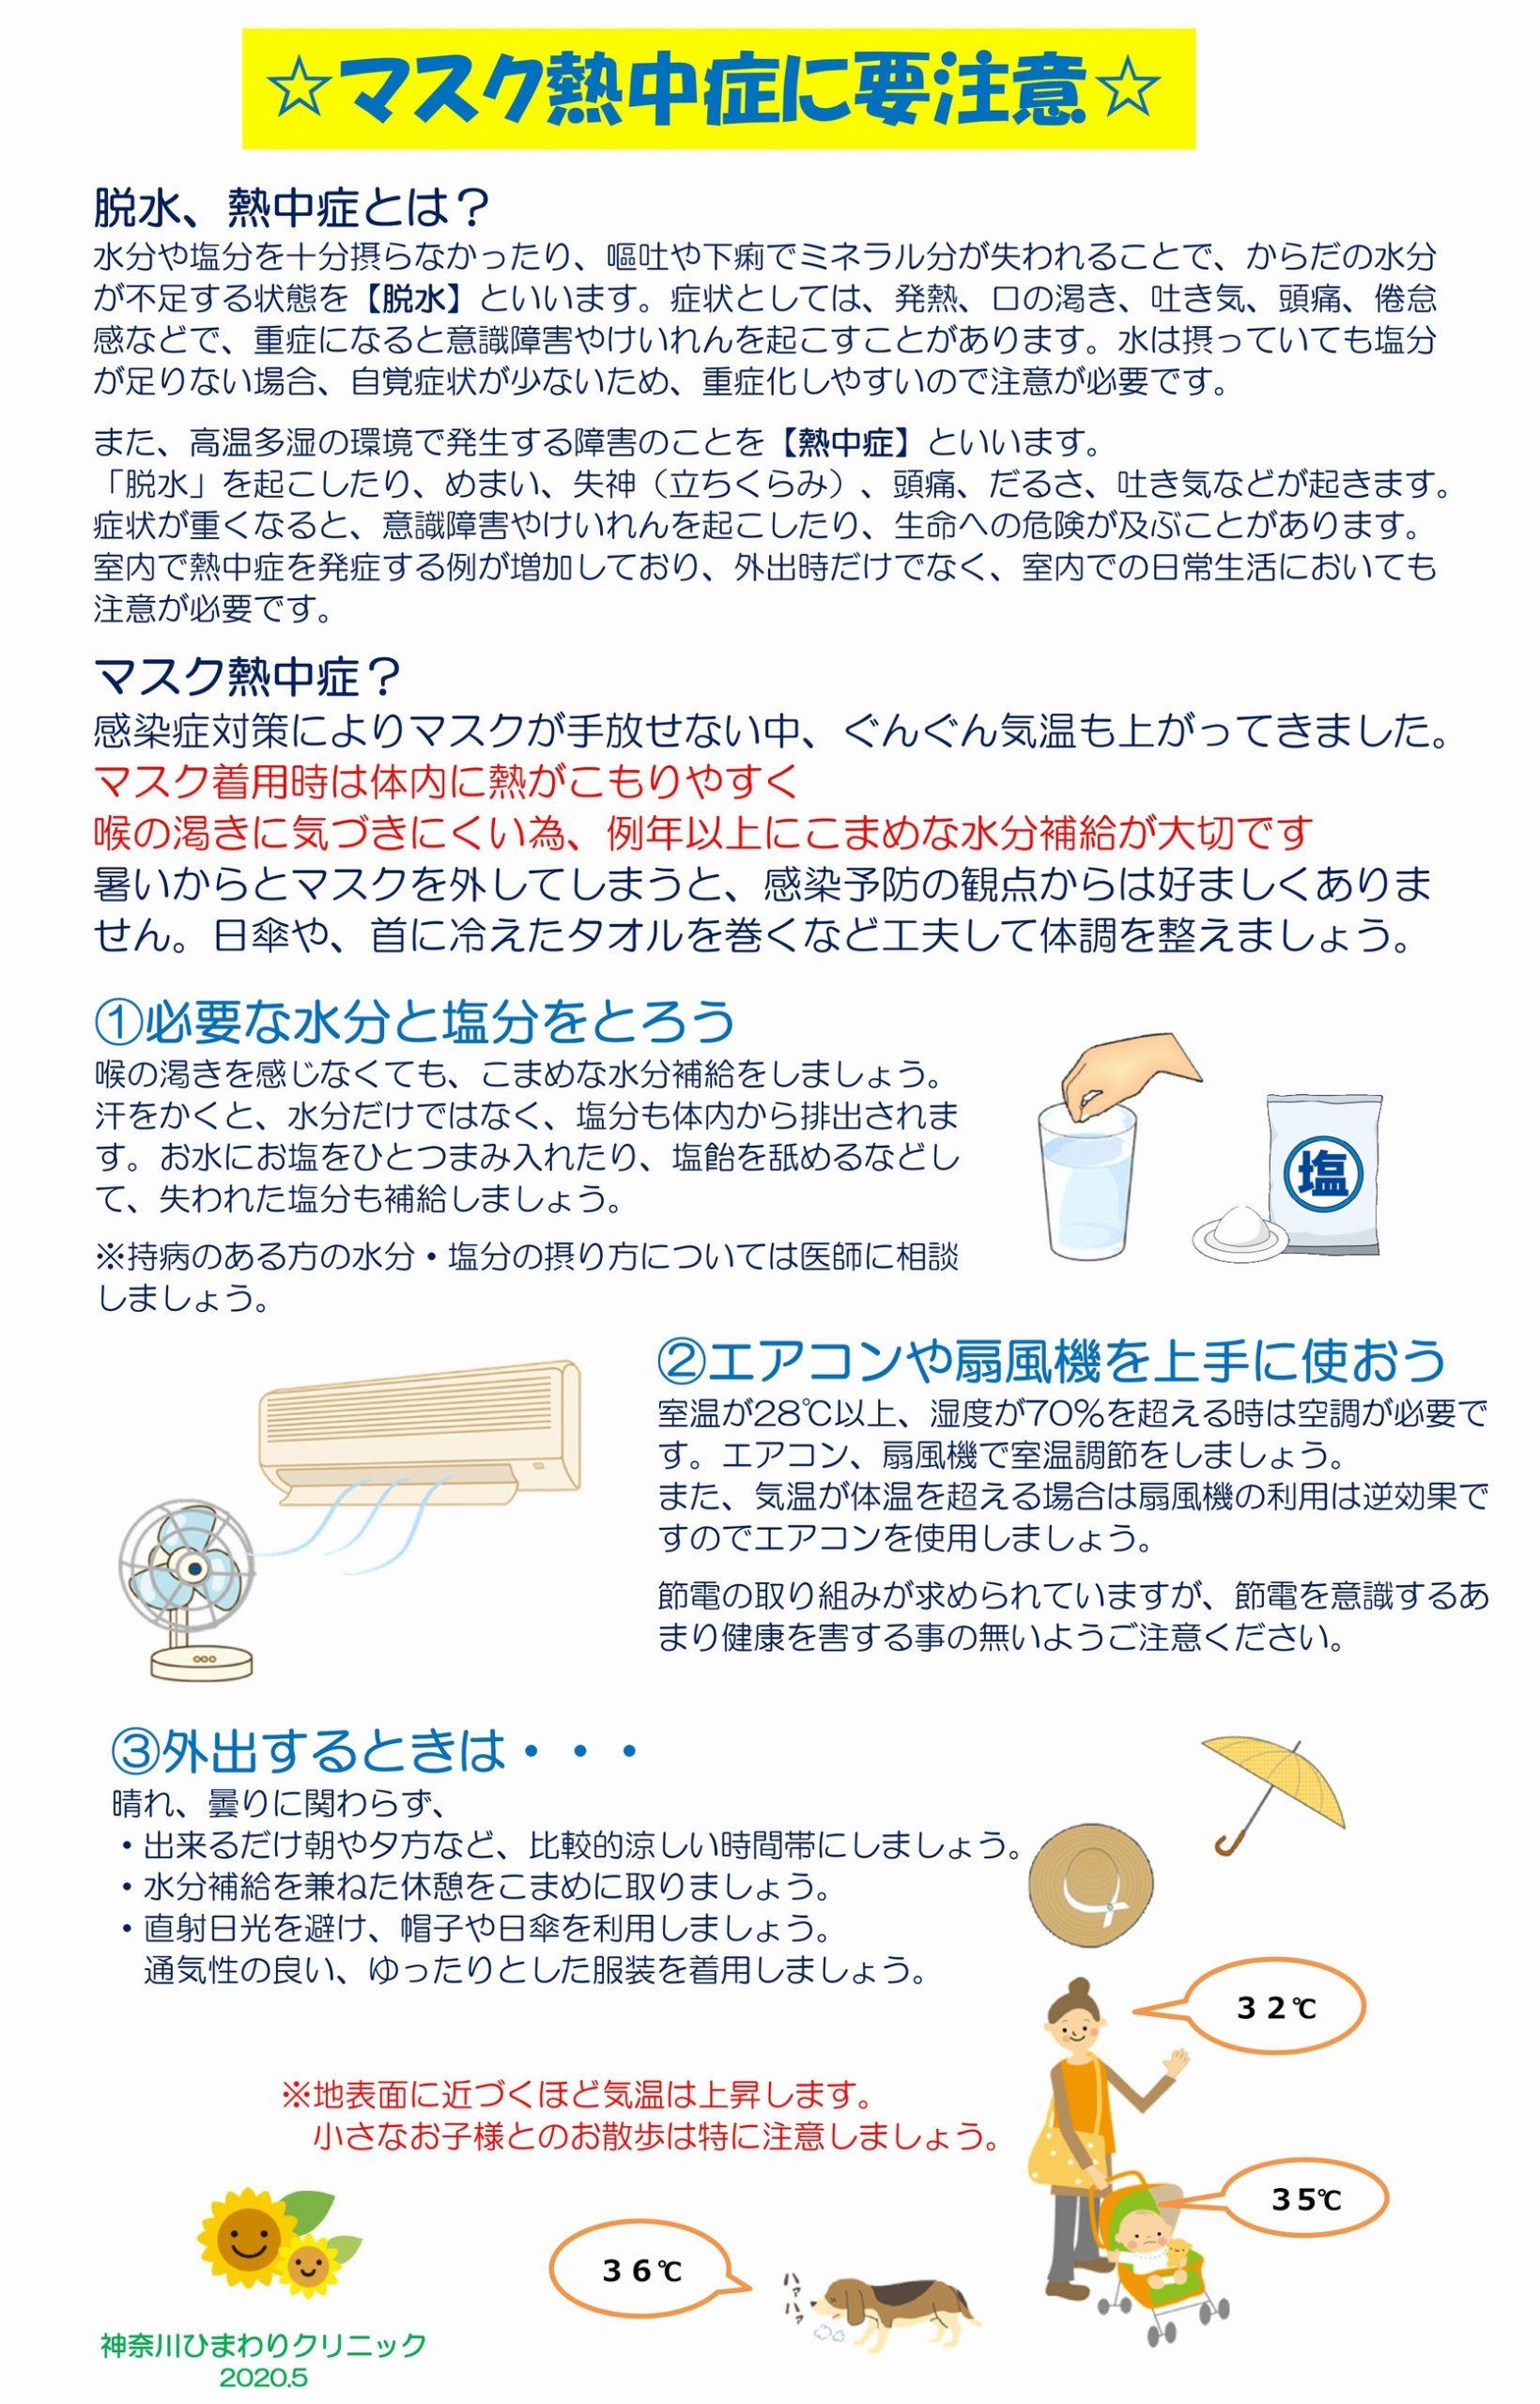 マスク熱中症に要注意